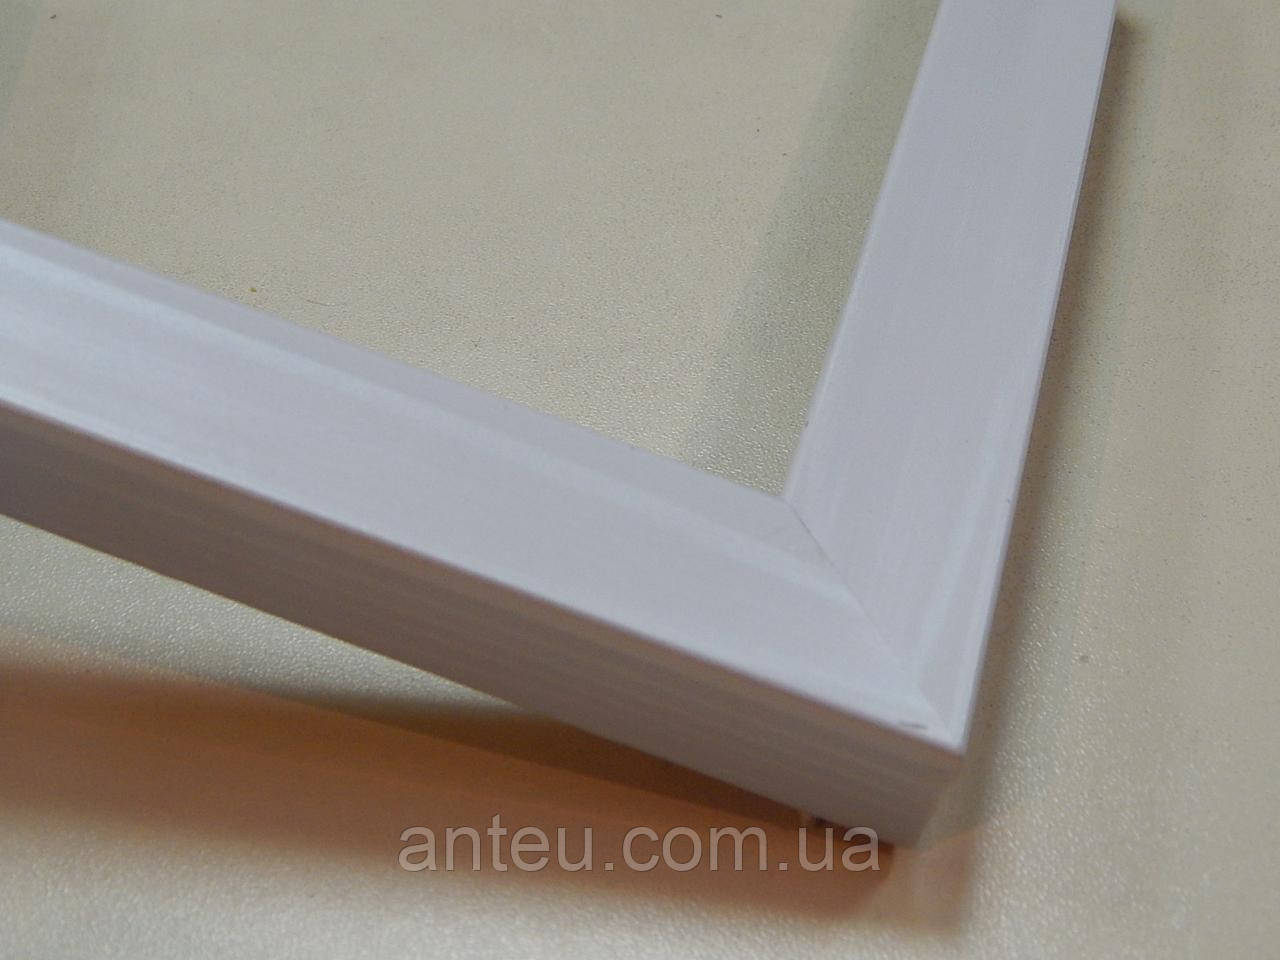 Рамка 10х15.22 мм.Белое дерево.